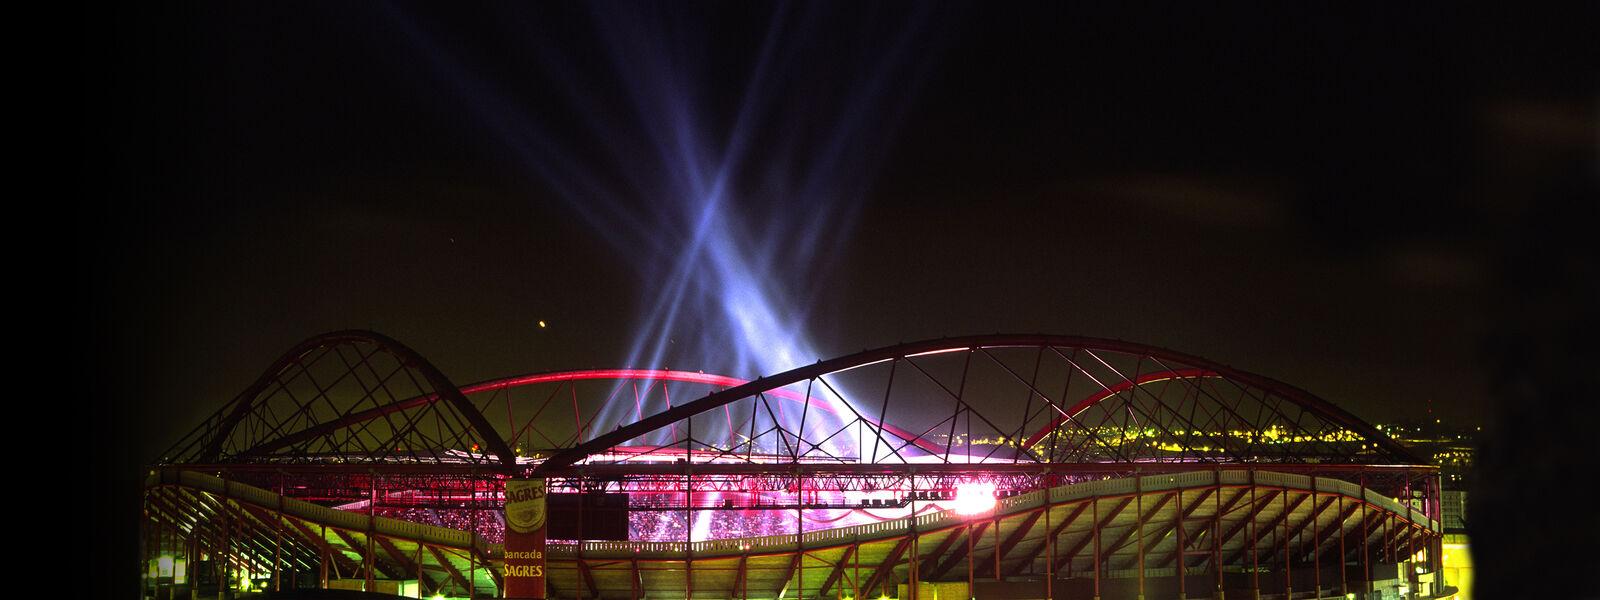 賓菲加(Benfica)